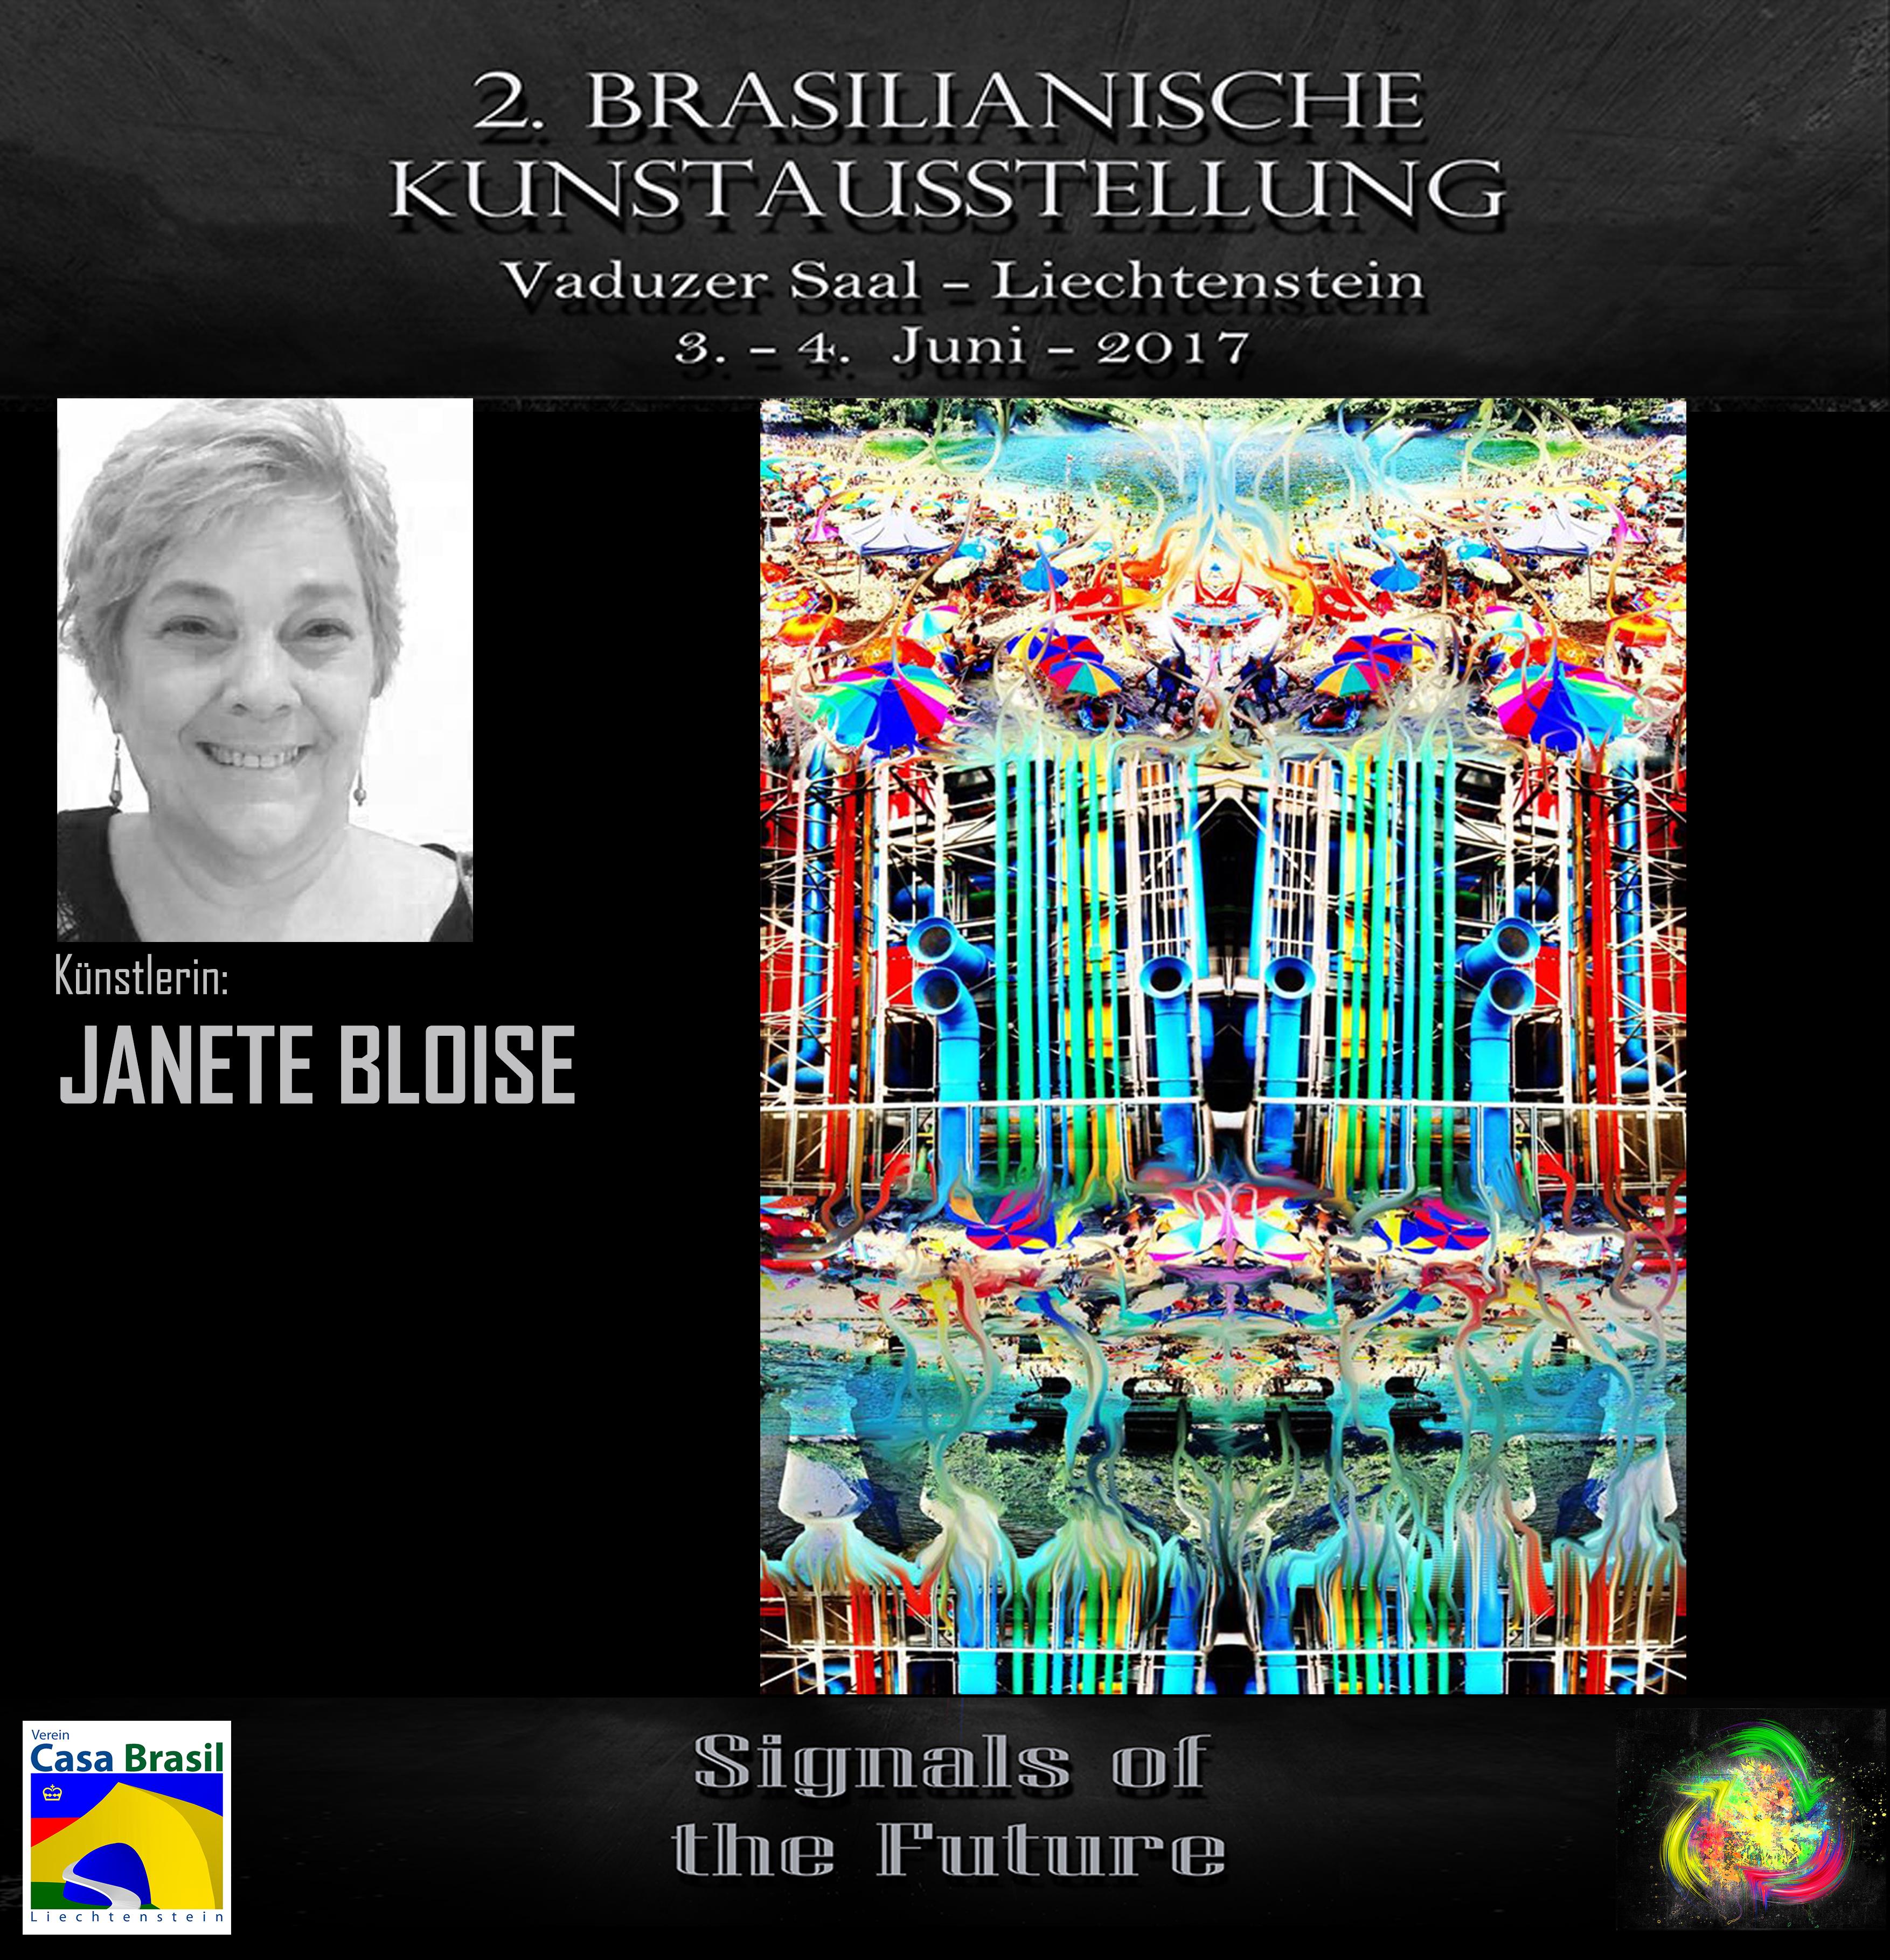 JANETE BLOISE